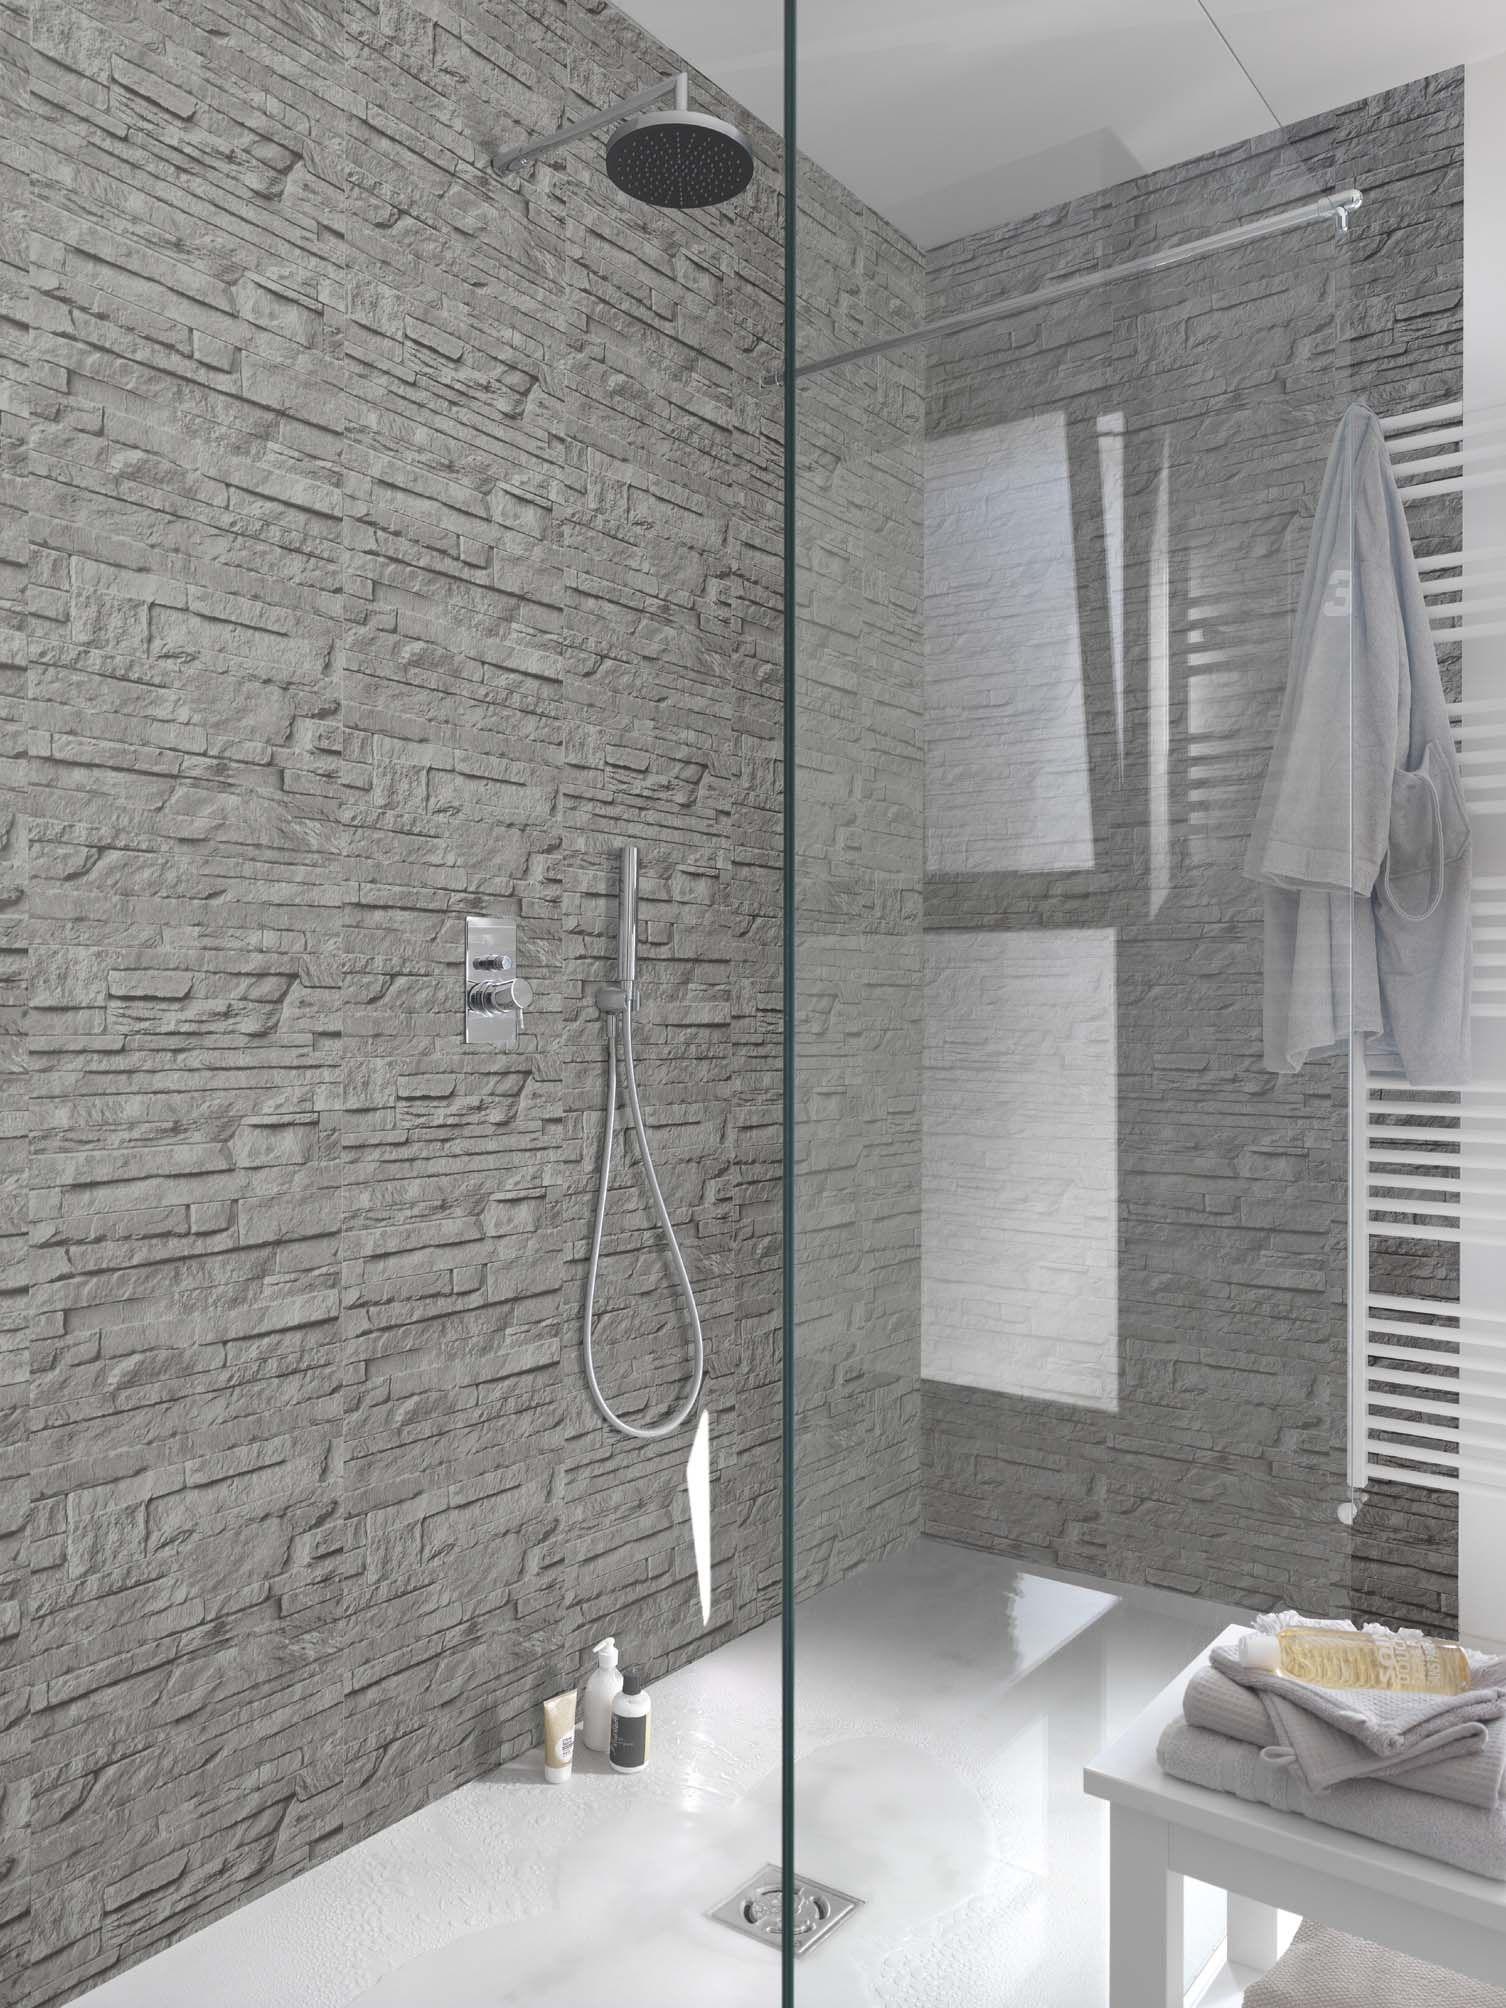 Confort et d coration dans la salle de bains lambris effet pierre avec un beau relief et une - Lambris pvc grosfillex salle de bain ...